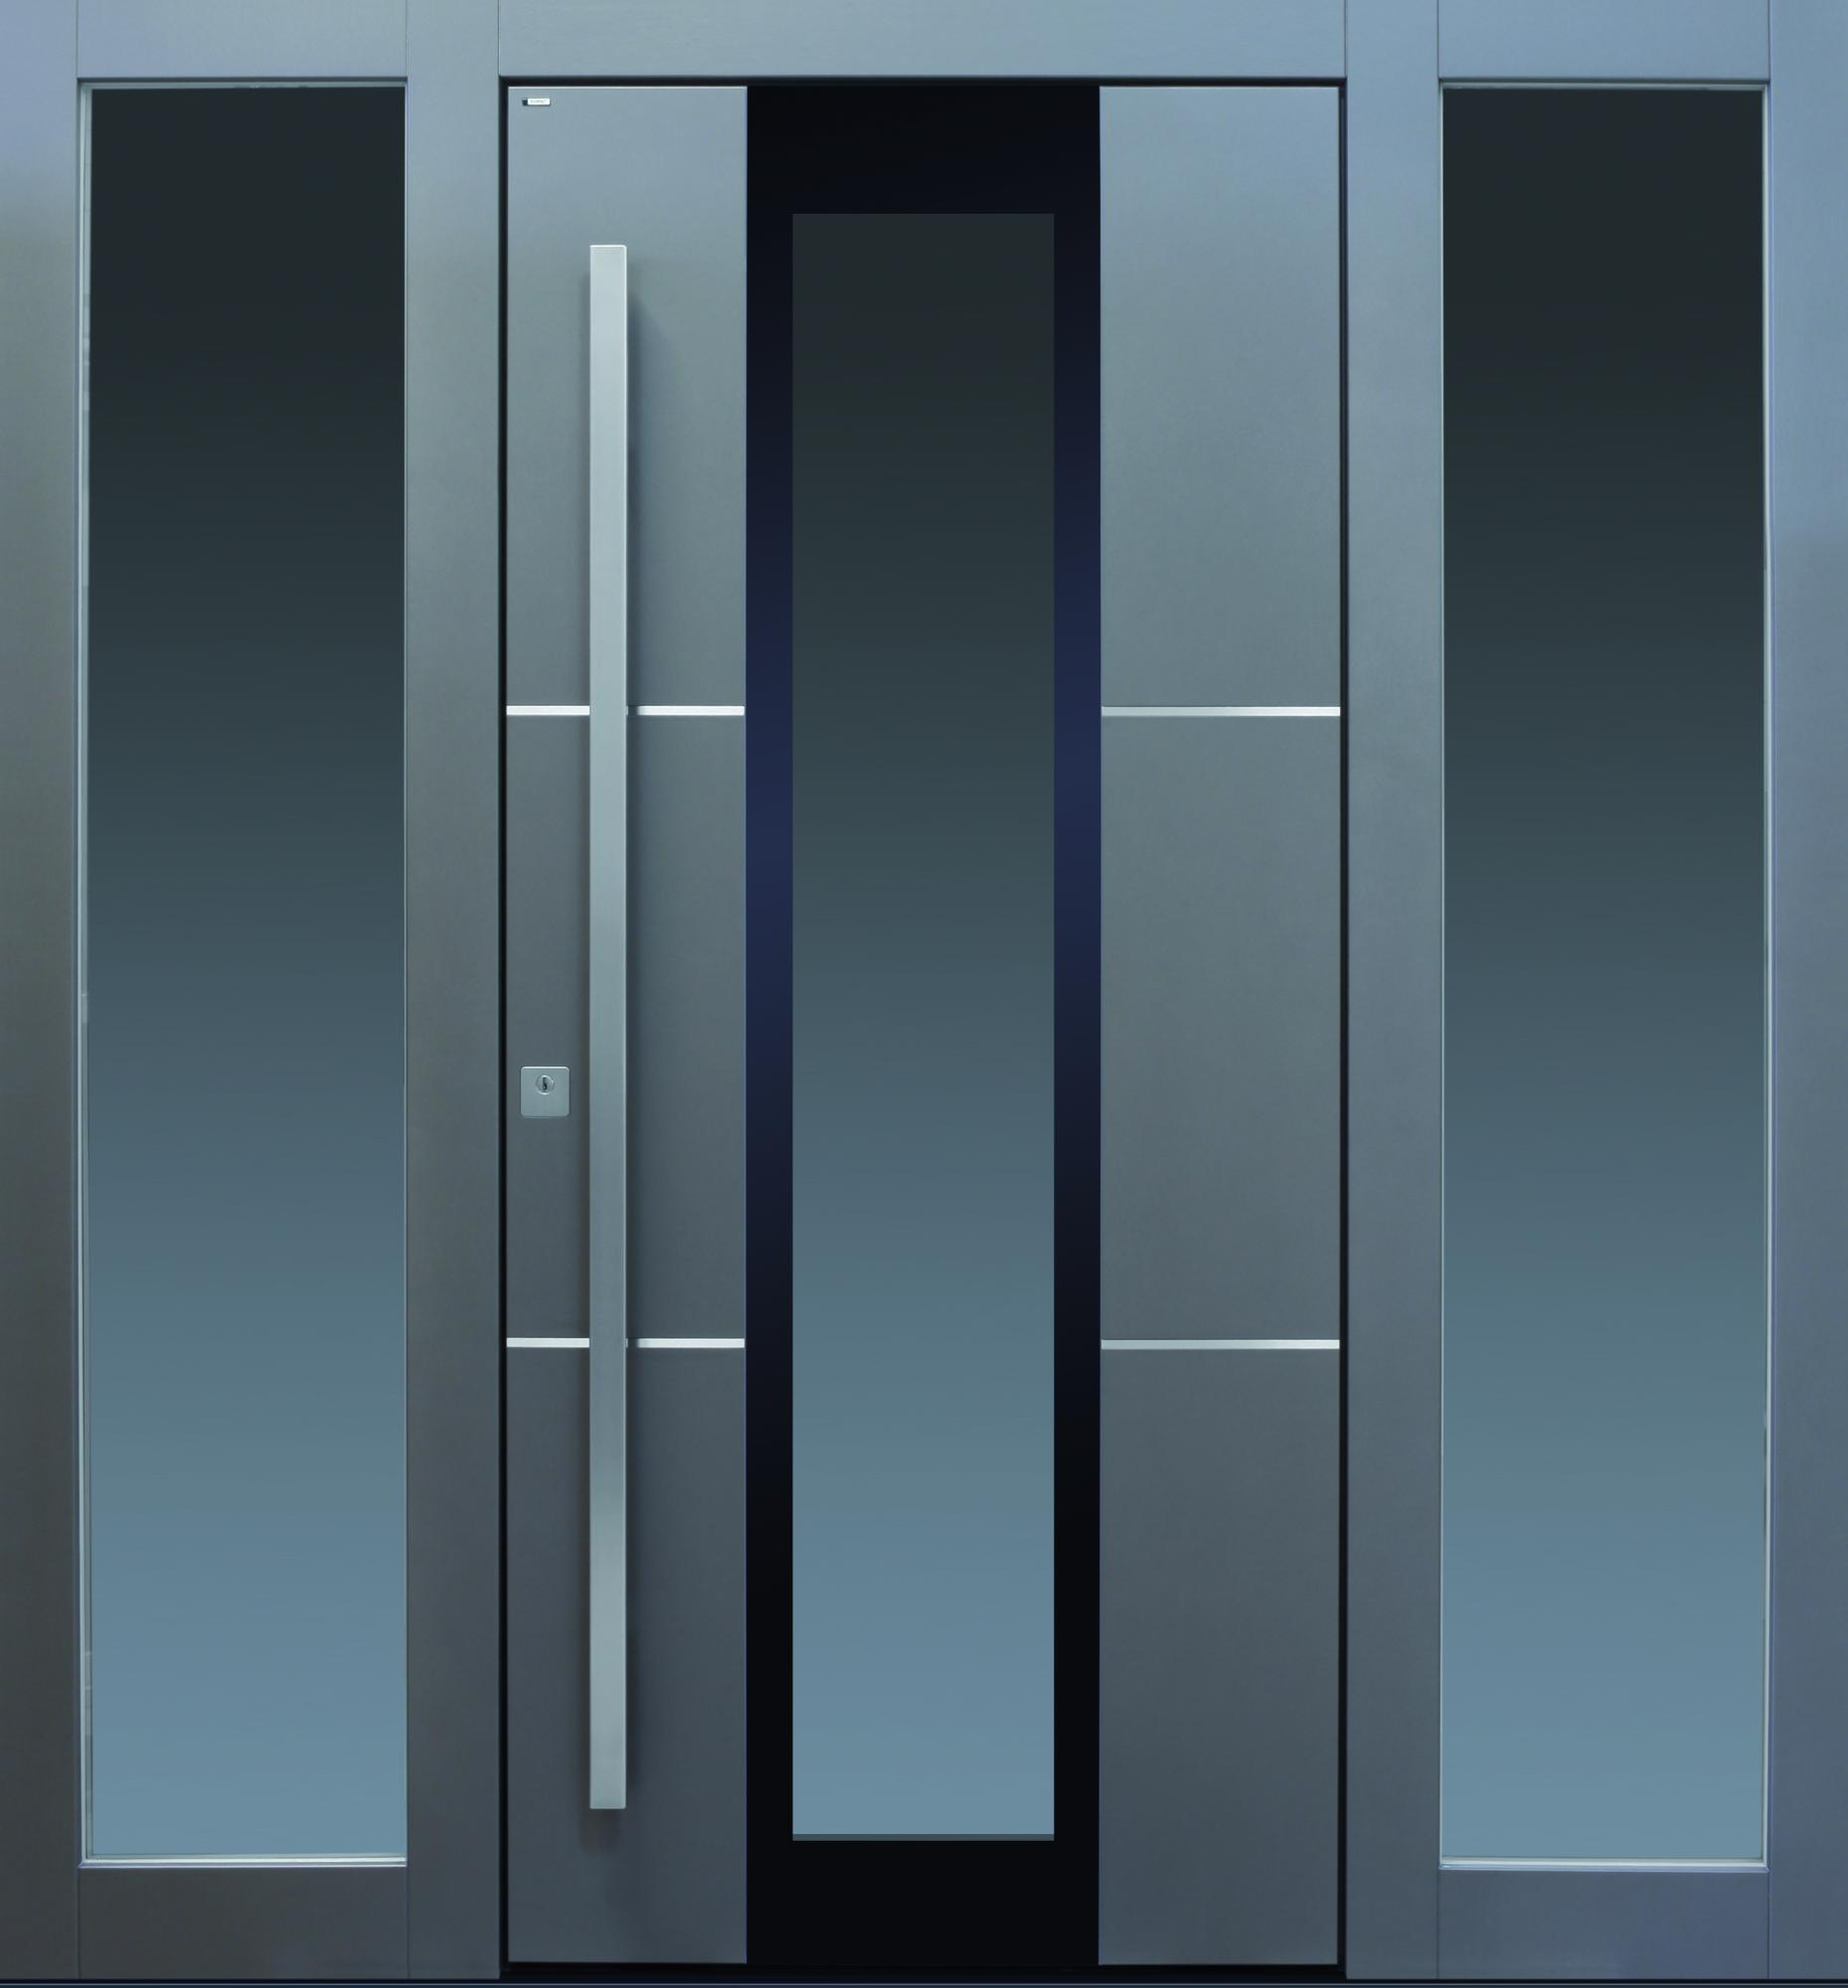 Haustür modern anthrazit  TOPIC - Haustüren von Meisterhand TOPIC - die Türenmanufaktur